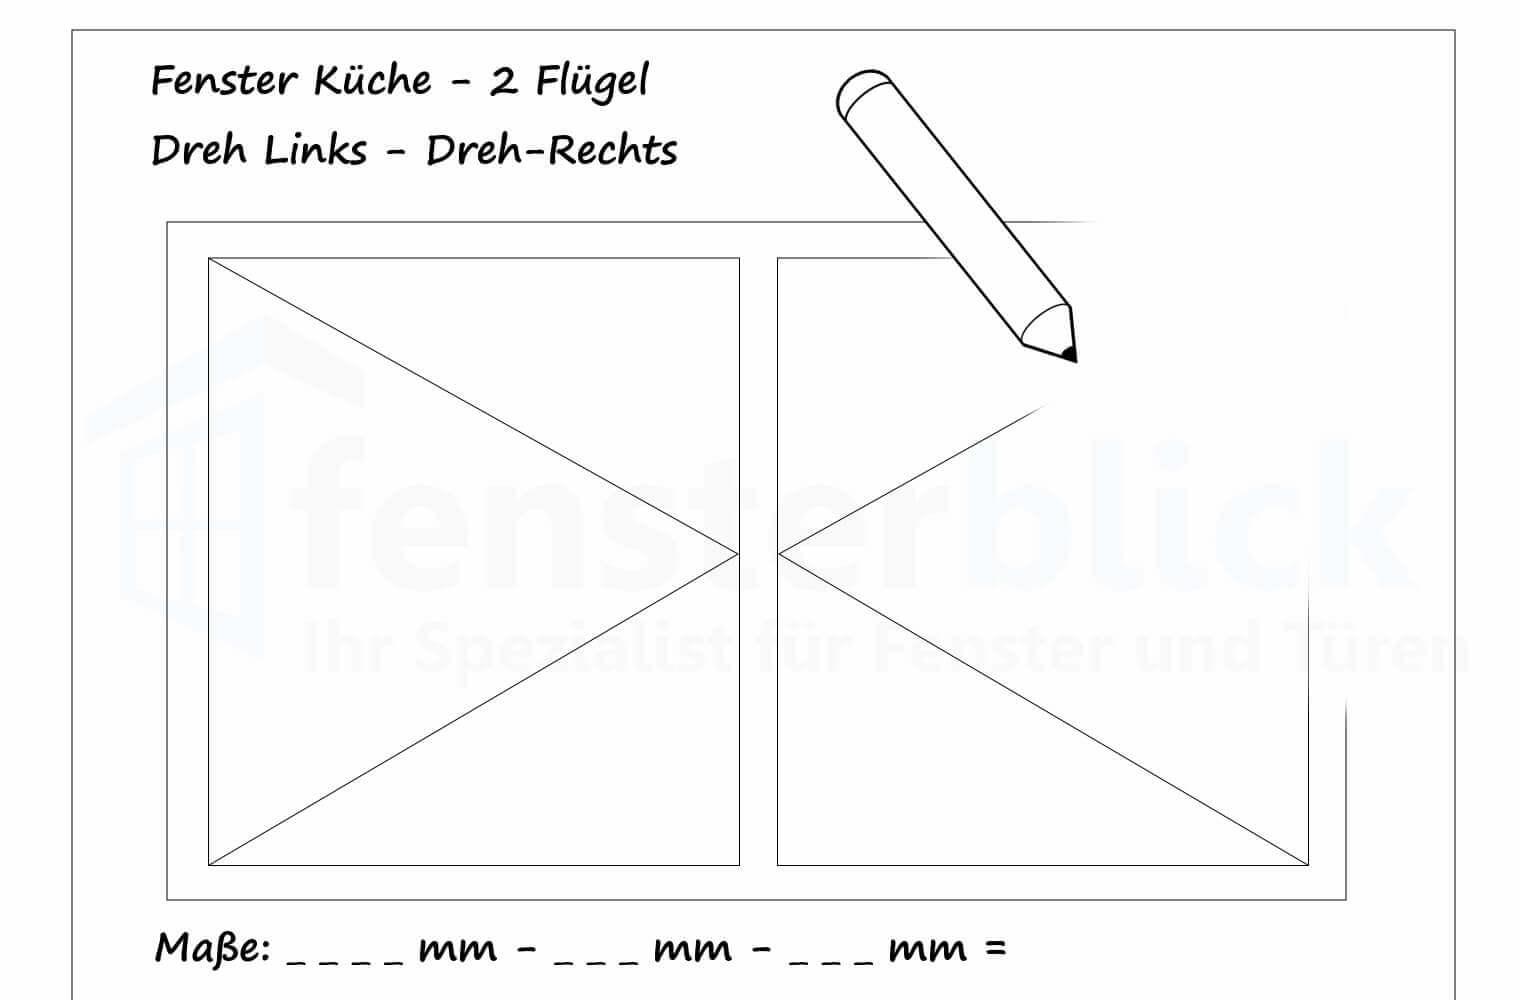 Bekannt Fenster ausmessen - Wie nehme ich das Aufmaß beim Fenster NK37